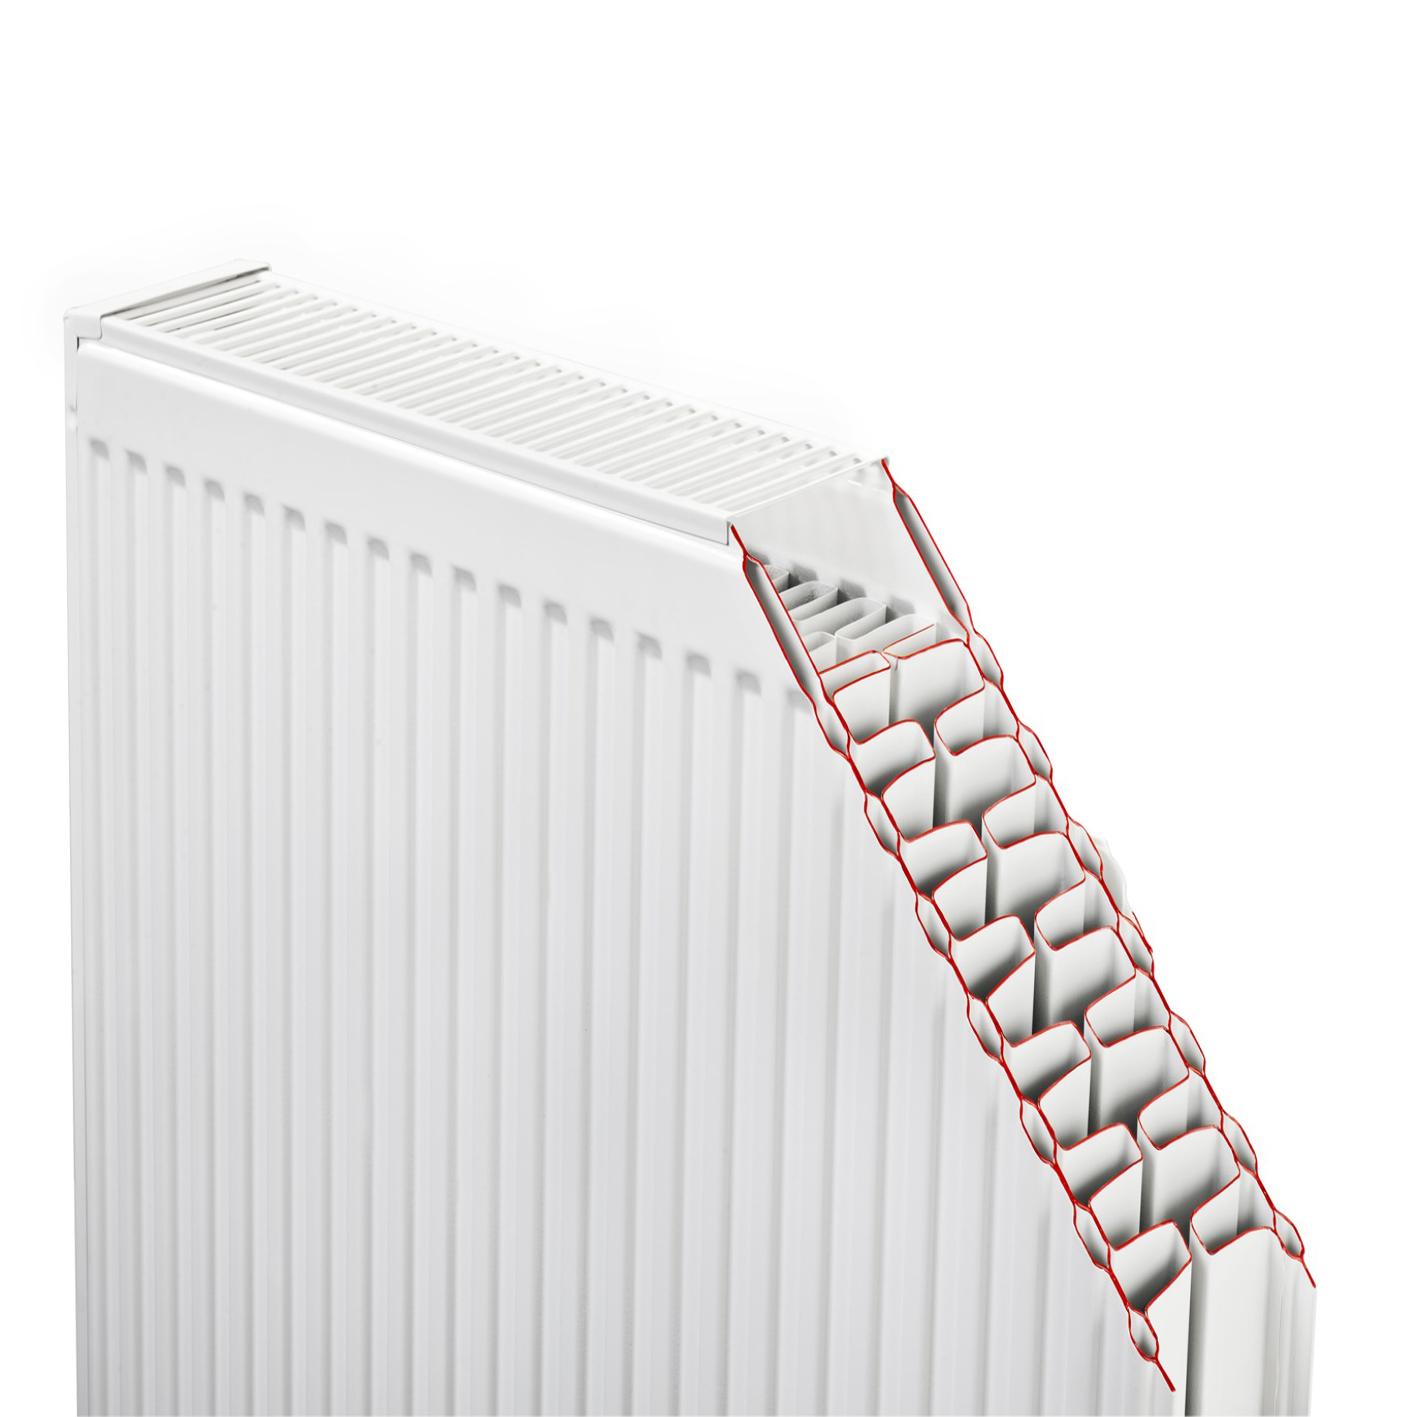 Dlüx 600x900 Panel Radyatör